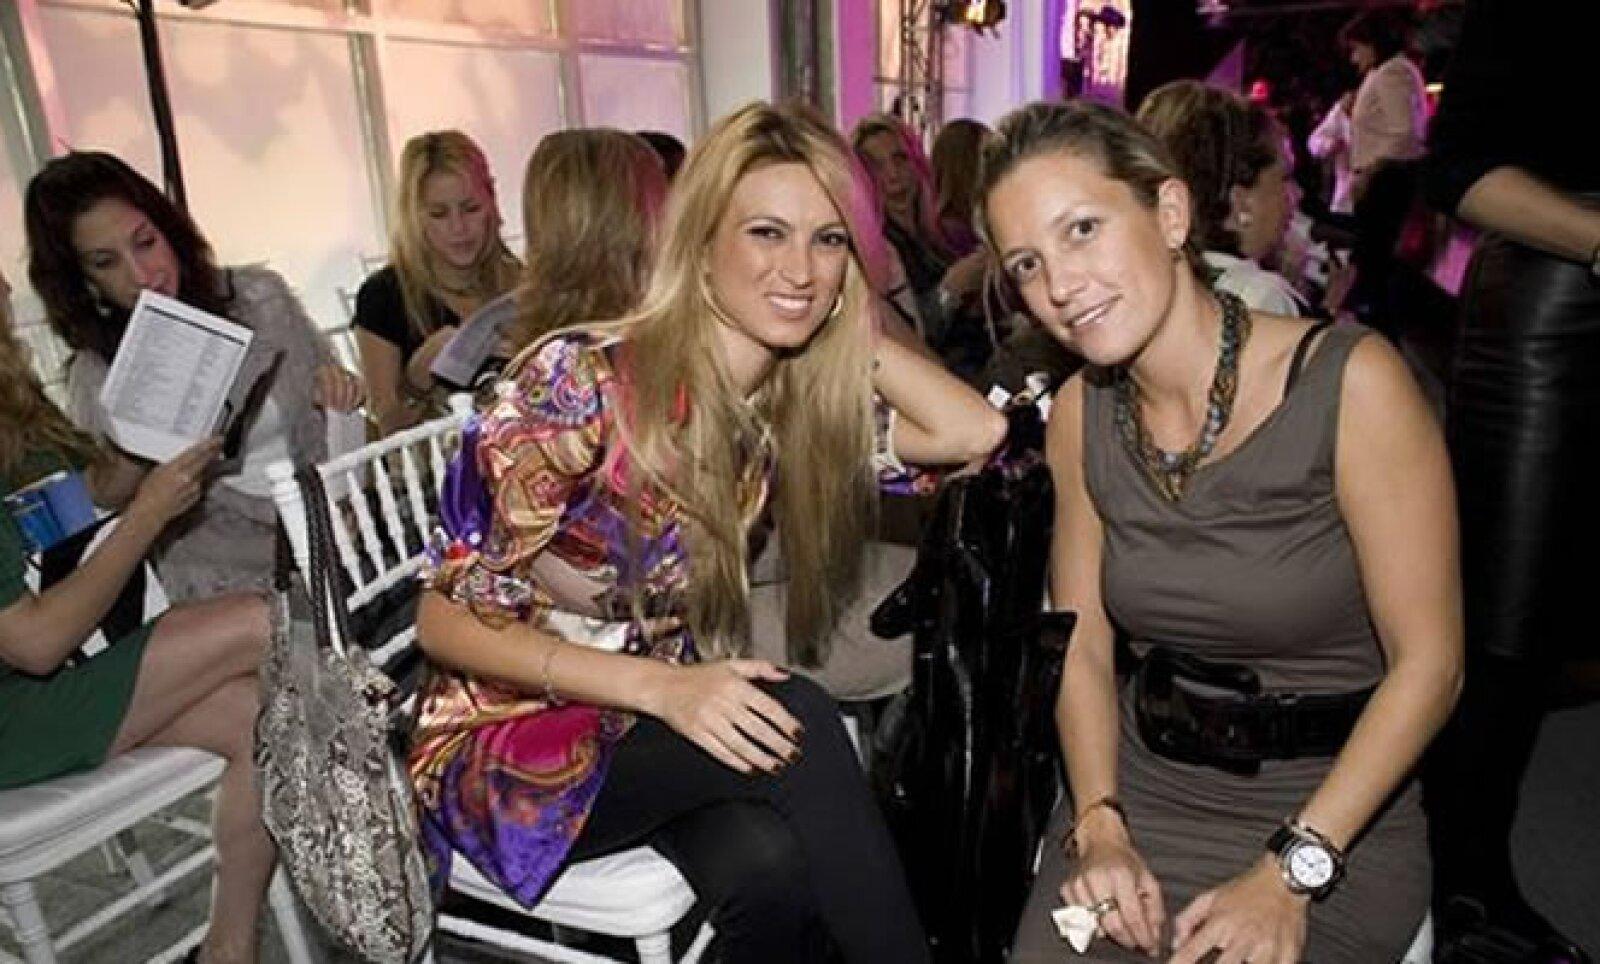 A María Elena, la novia, le gusta la moda de Dior, Valentino y Gucci. Según la revista Quién, en marzo viajó a Nueva York, donde le gustó un vestido de novia de 80 mil dólares, pero le pareció caro. Aquí, en un desfile de Saks con Emilce Carrill.